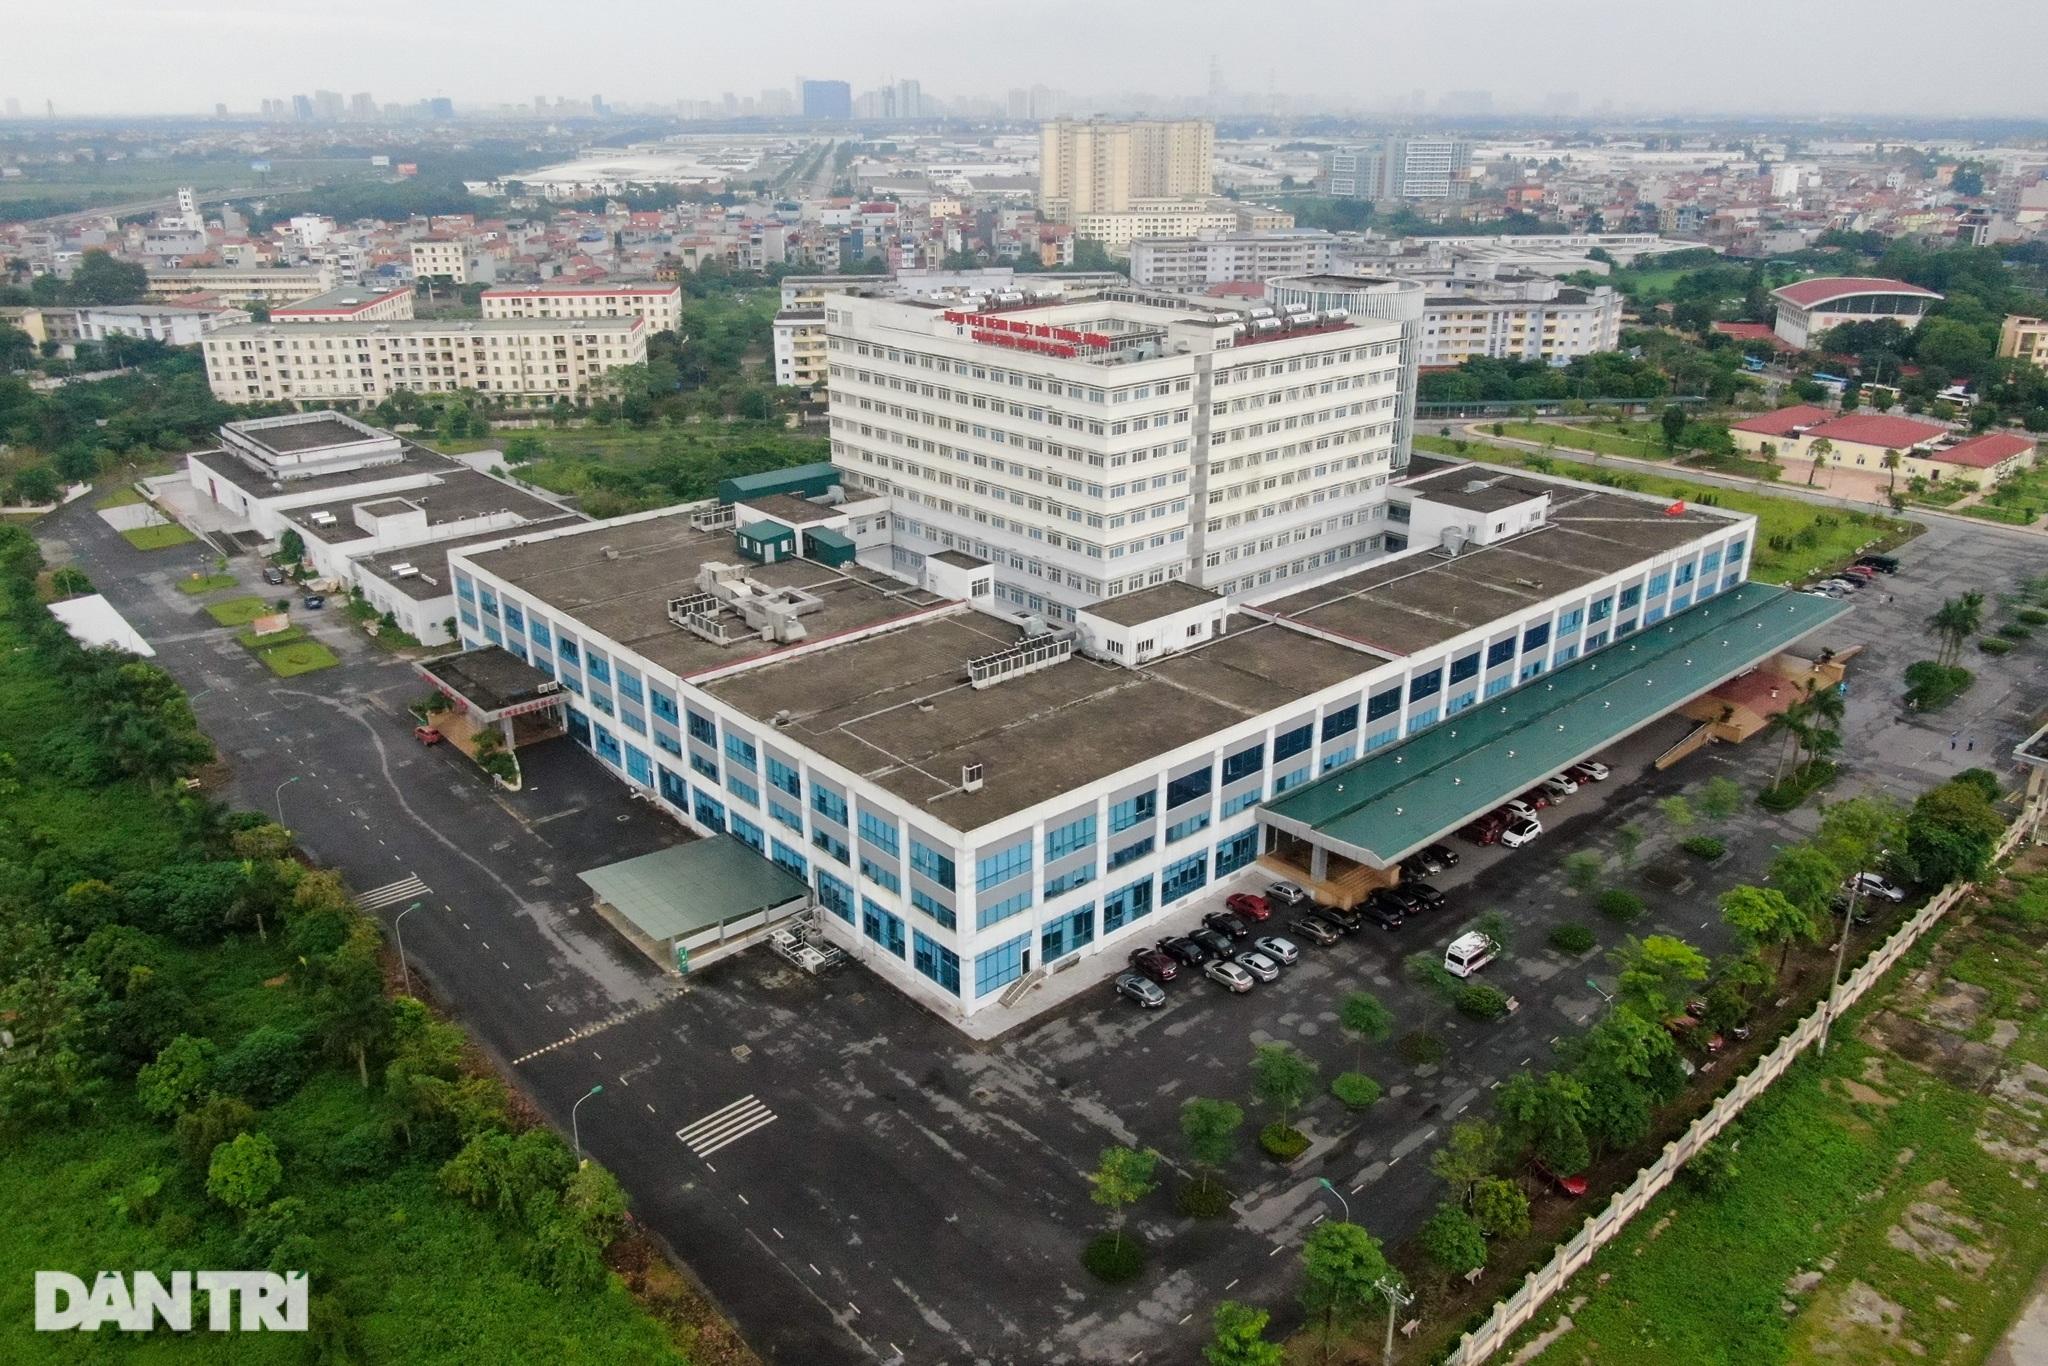 Nội bất xuất, ngoại bất nhập khi phong tỏa Bệnh viện Bệnh Nhiệt đới TƯ 2 - 5